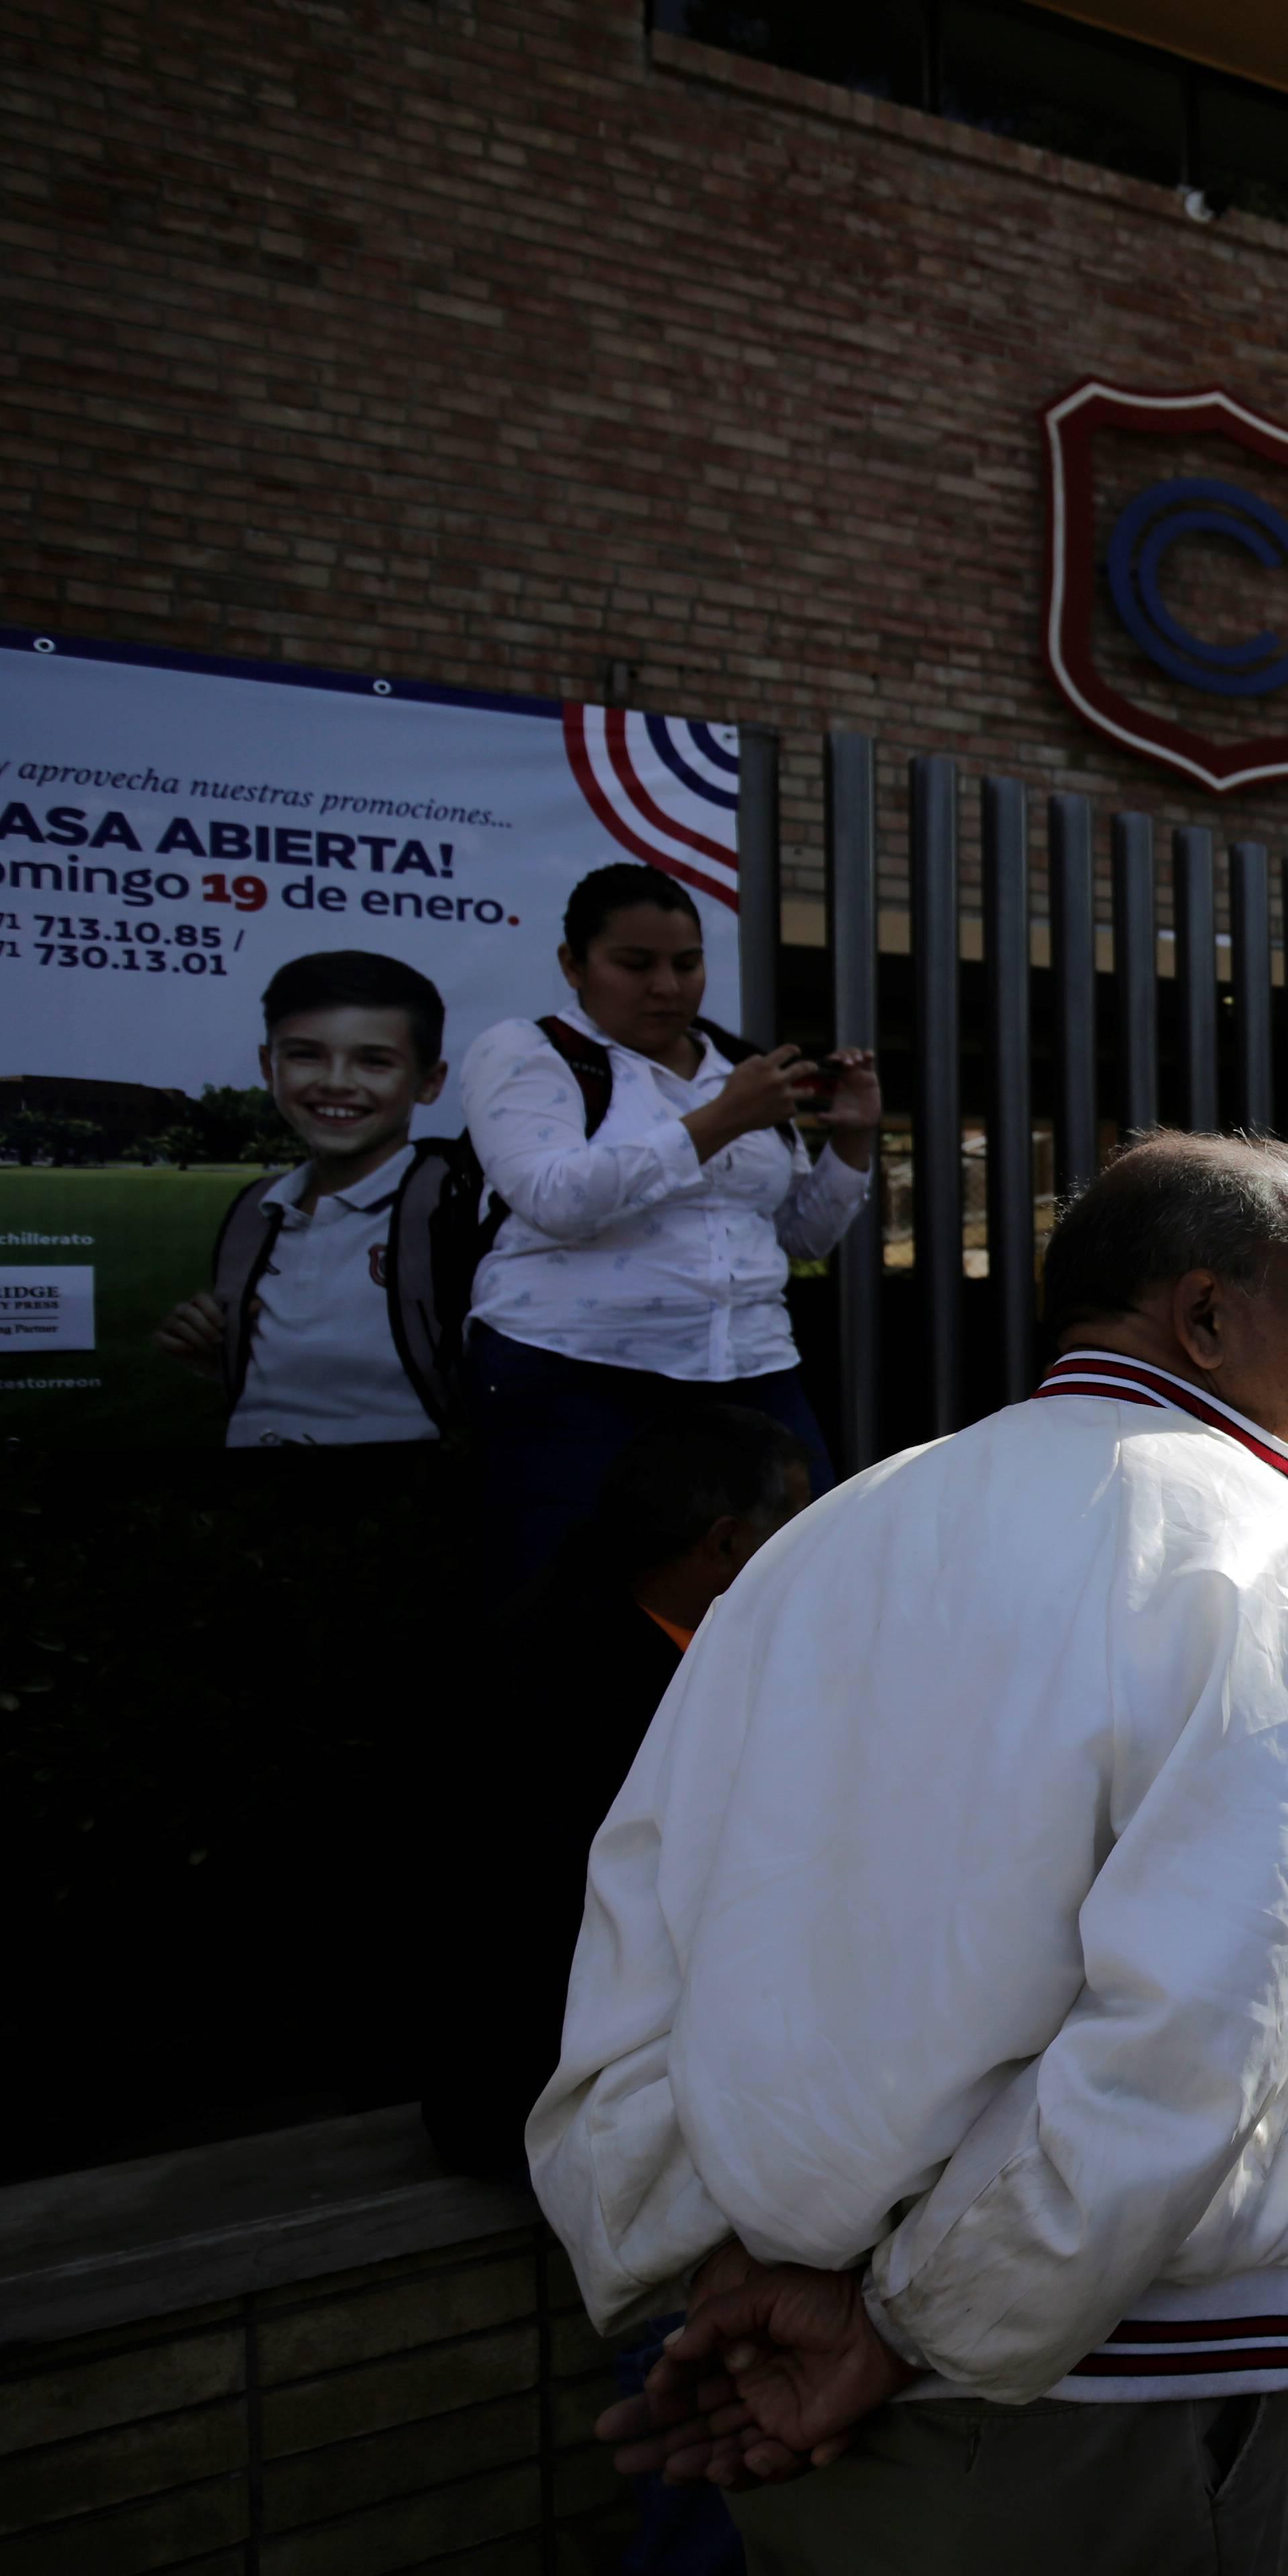 Dječak pucao u meksičkoj školi i ubio učiteljicu, a potom i sebe